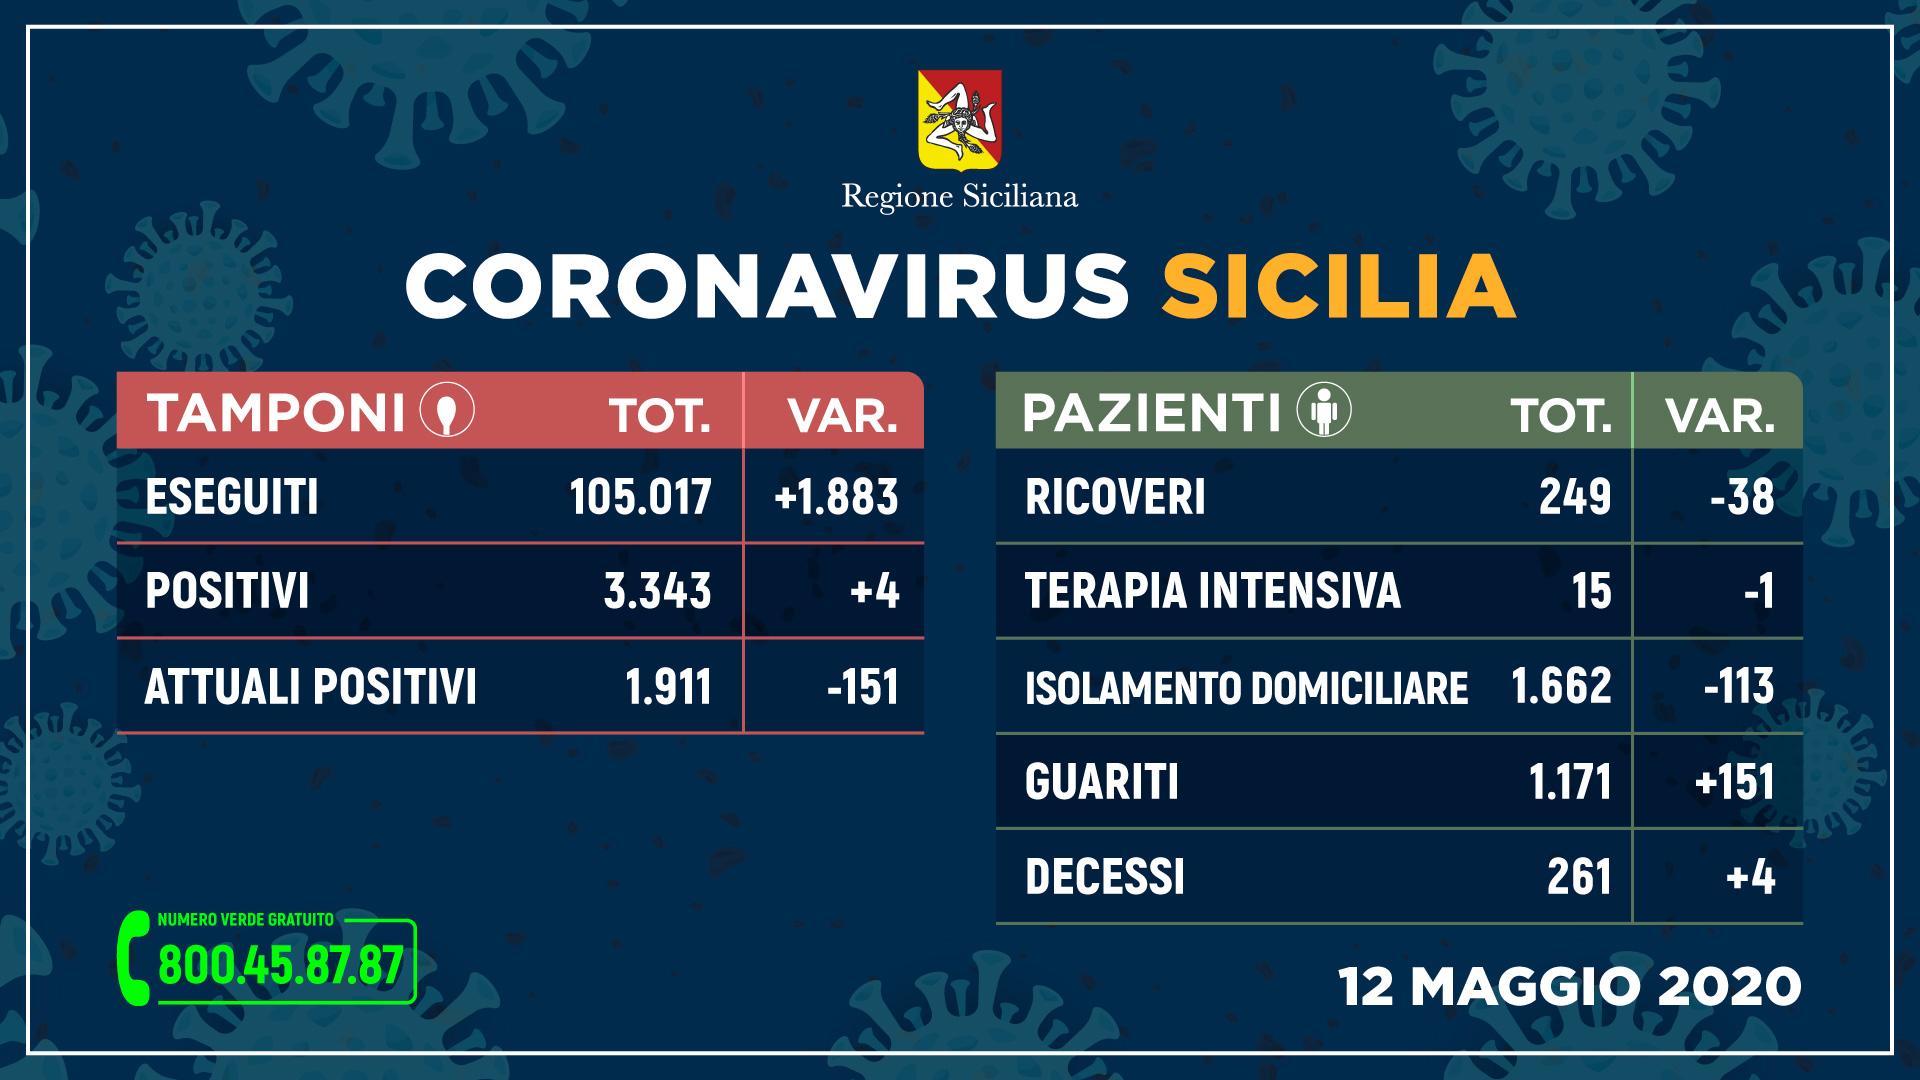 tabella dei dati sui contagi del coronavirus in sicilia aggiornati al 12 maggio 2020